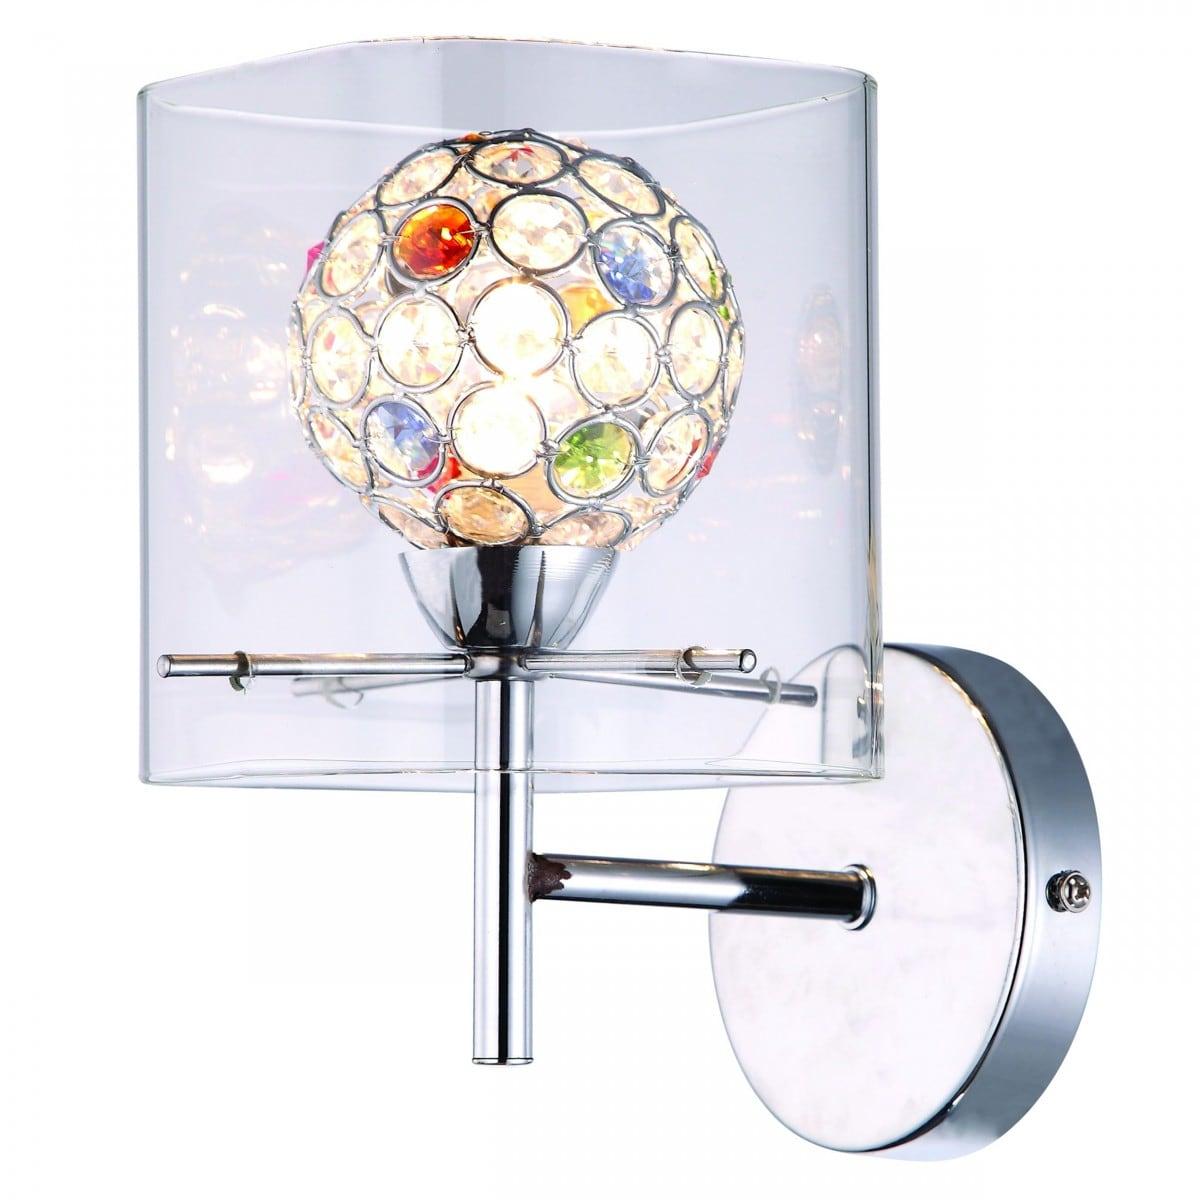 Žárovka nástěnná lampa vícebarevná